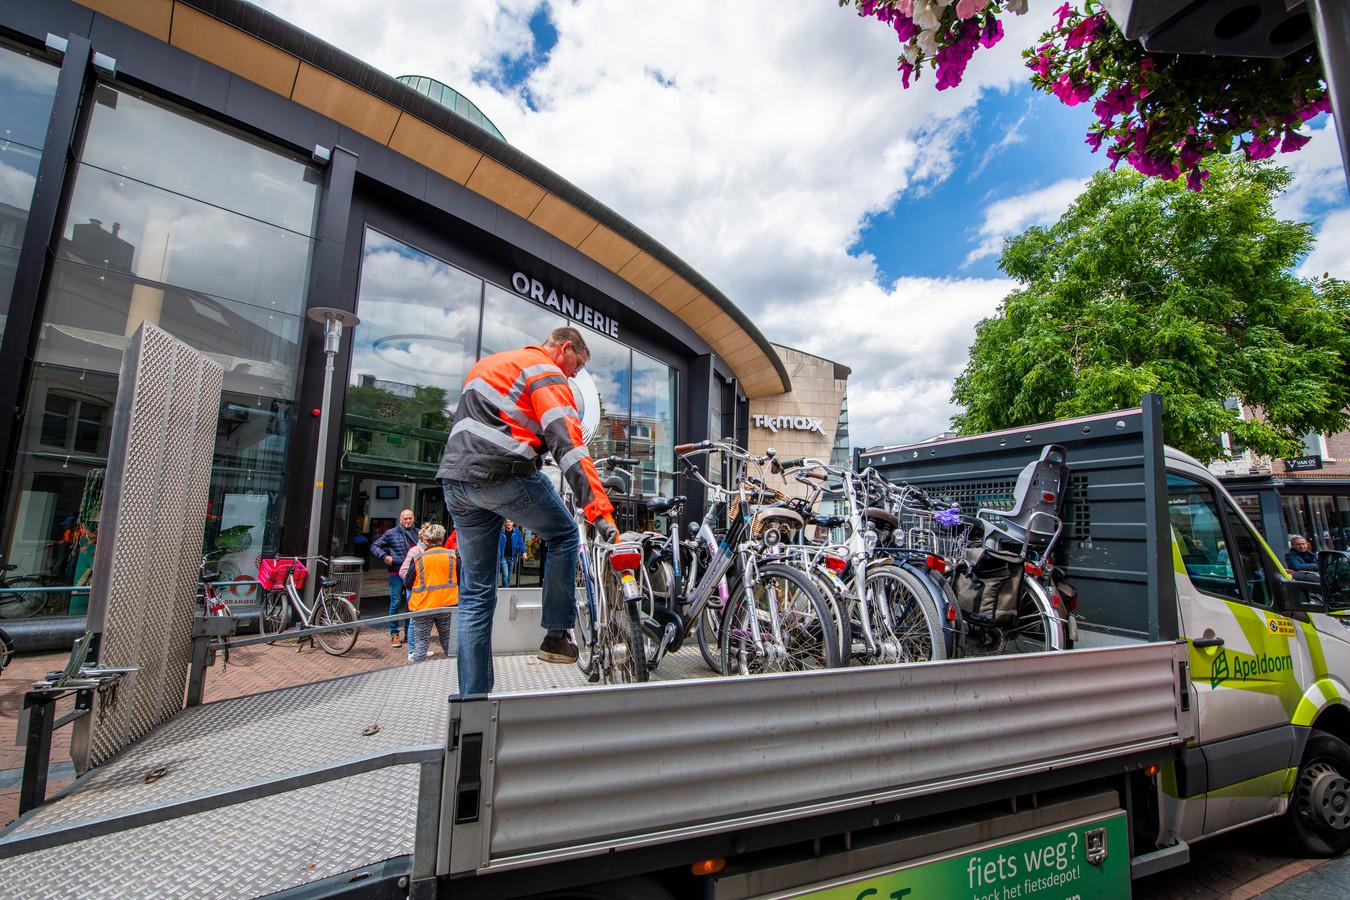 Fietsen worden verwijderd uit de Hoofdstraat. Door het parkeerverbod voor fietsen mijden Apeldoornse ouderen de binnenstad. Foto archief